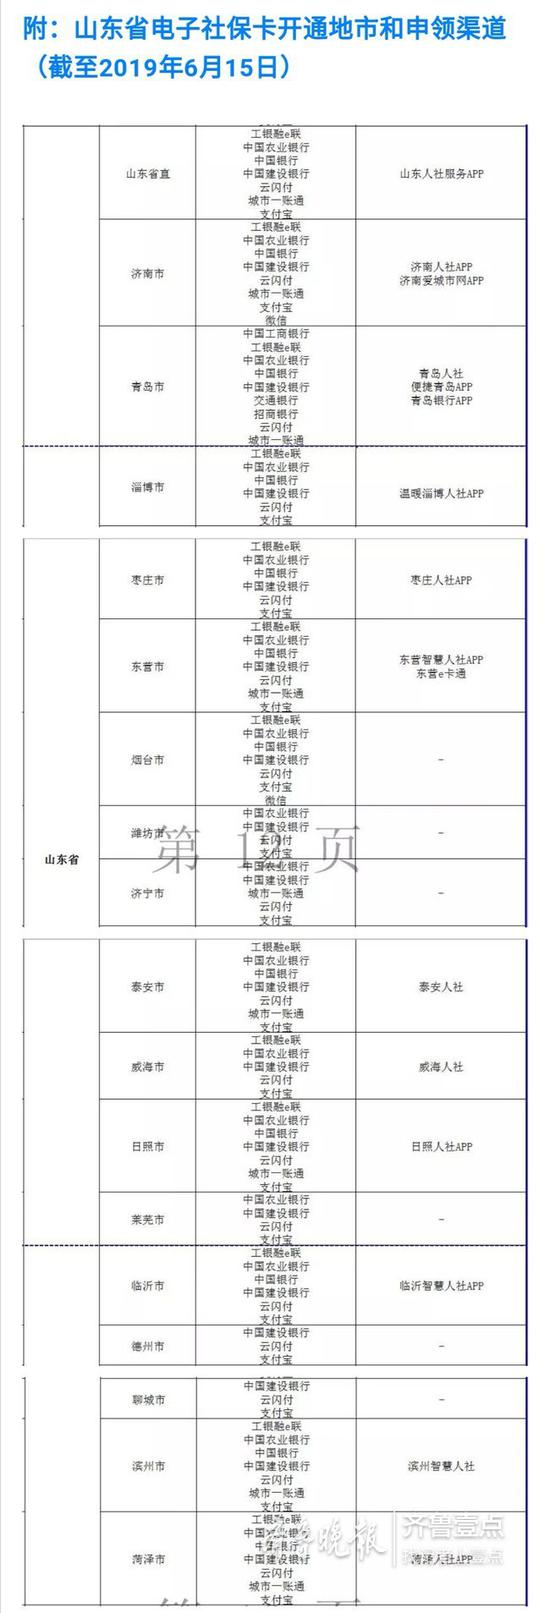 (齐鲁晚报·齐鲁壹点 记者 王小涵)